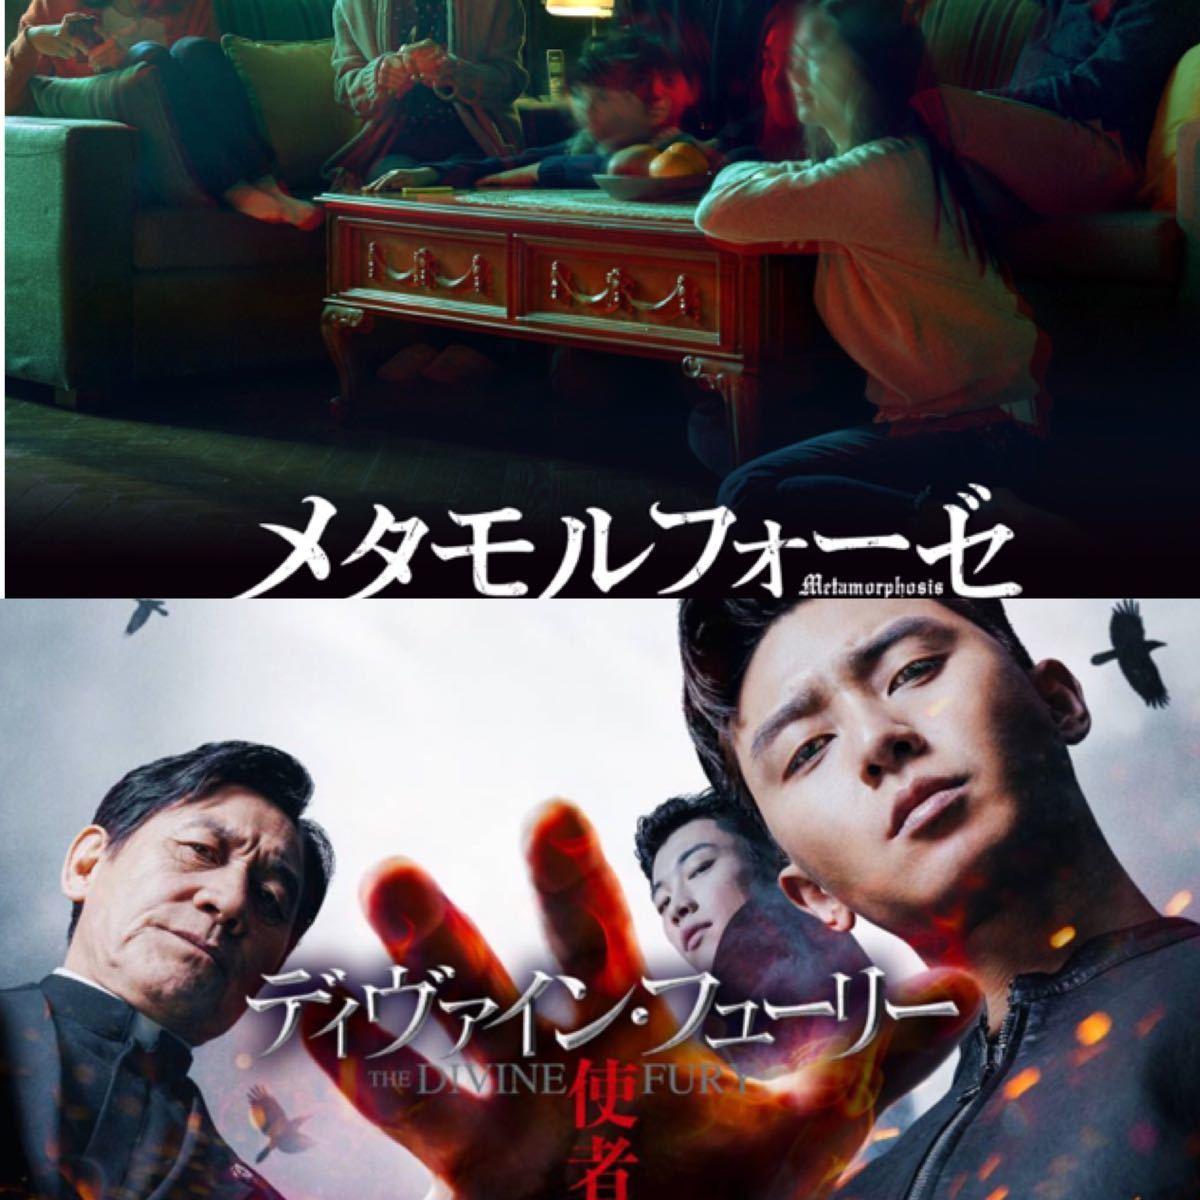 韓国映画  ディヴァインフューリー  メタモルフォーゼ  DVD  2点セット  レーベル有り